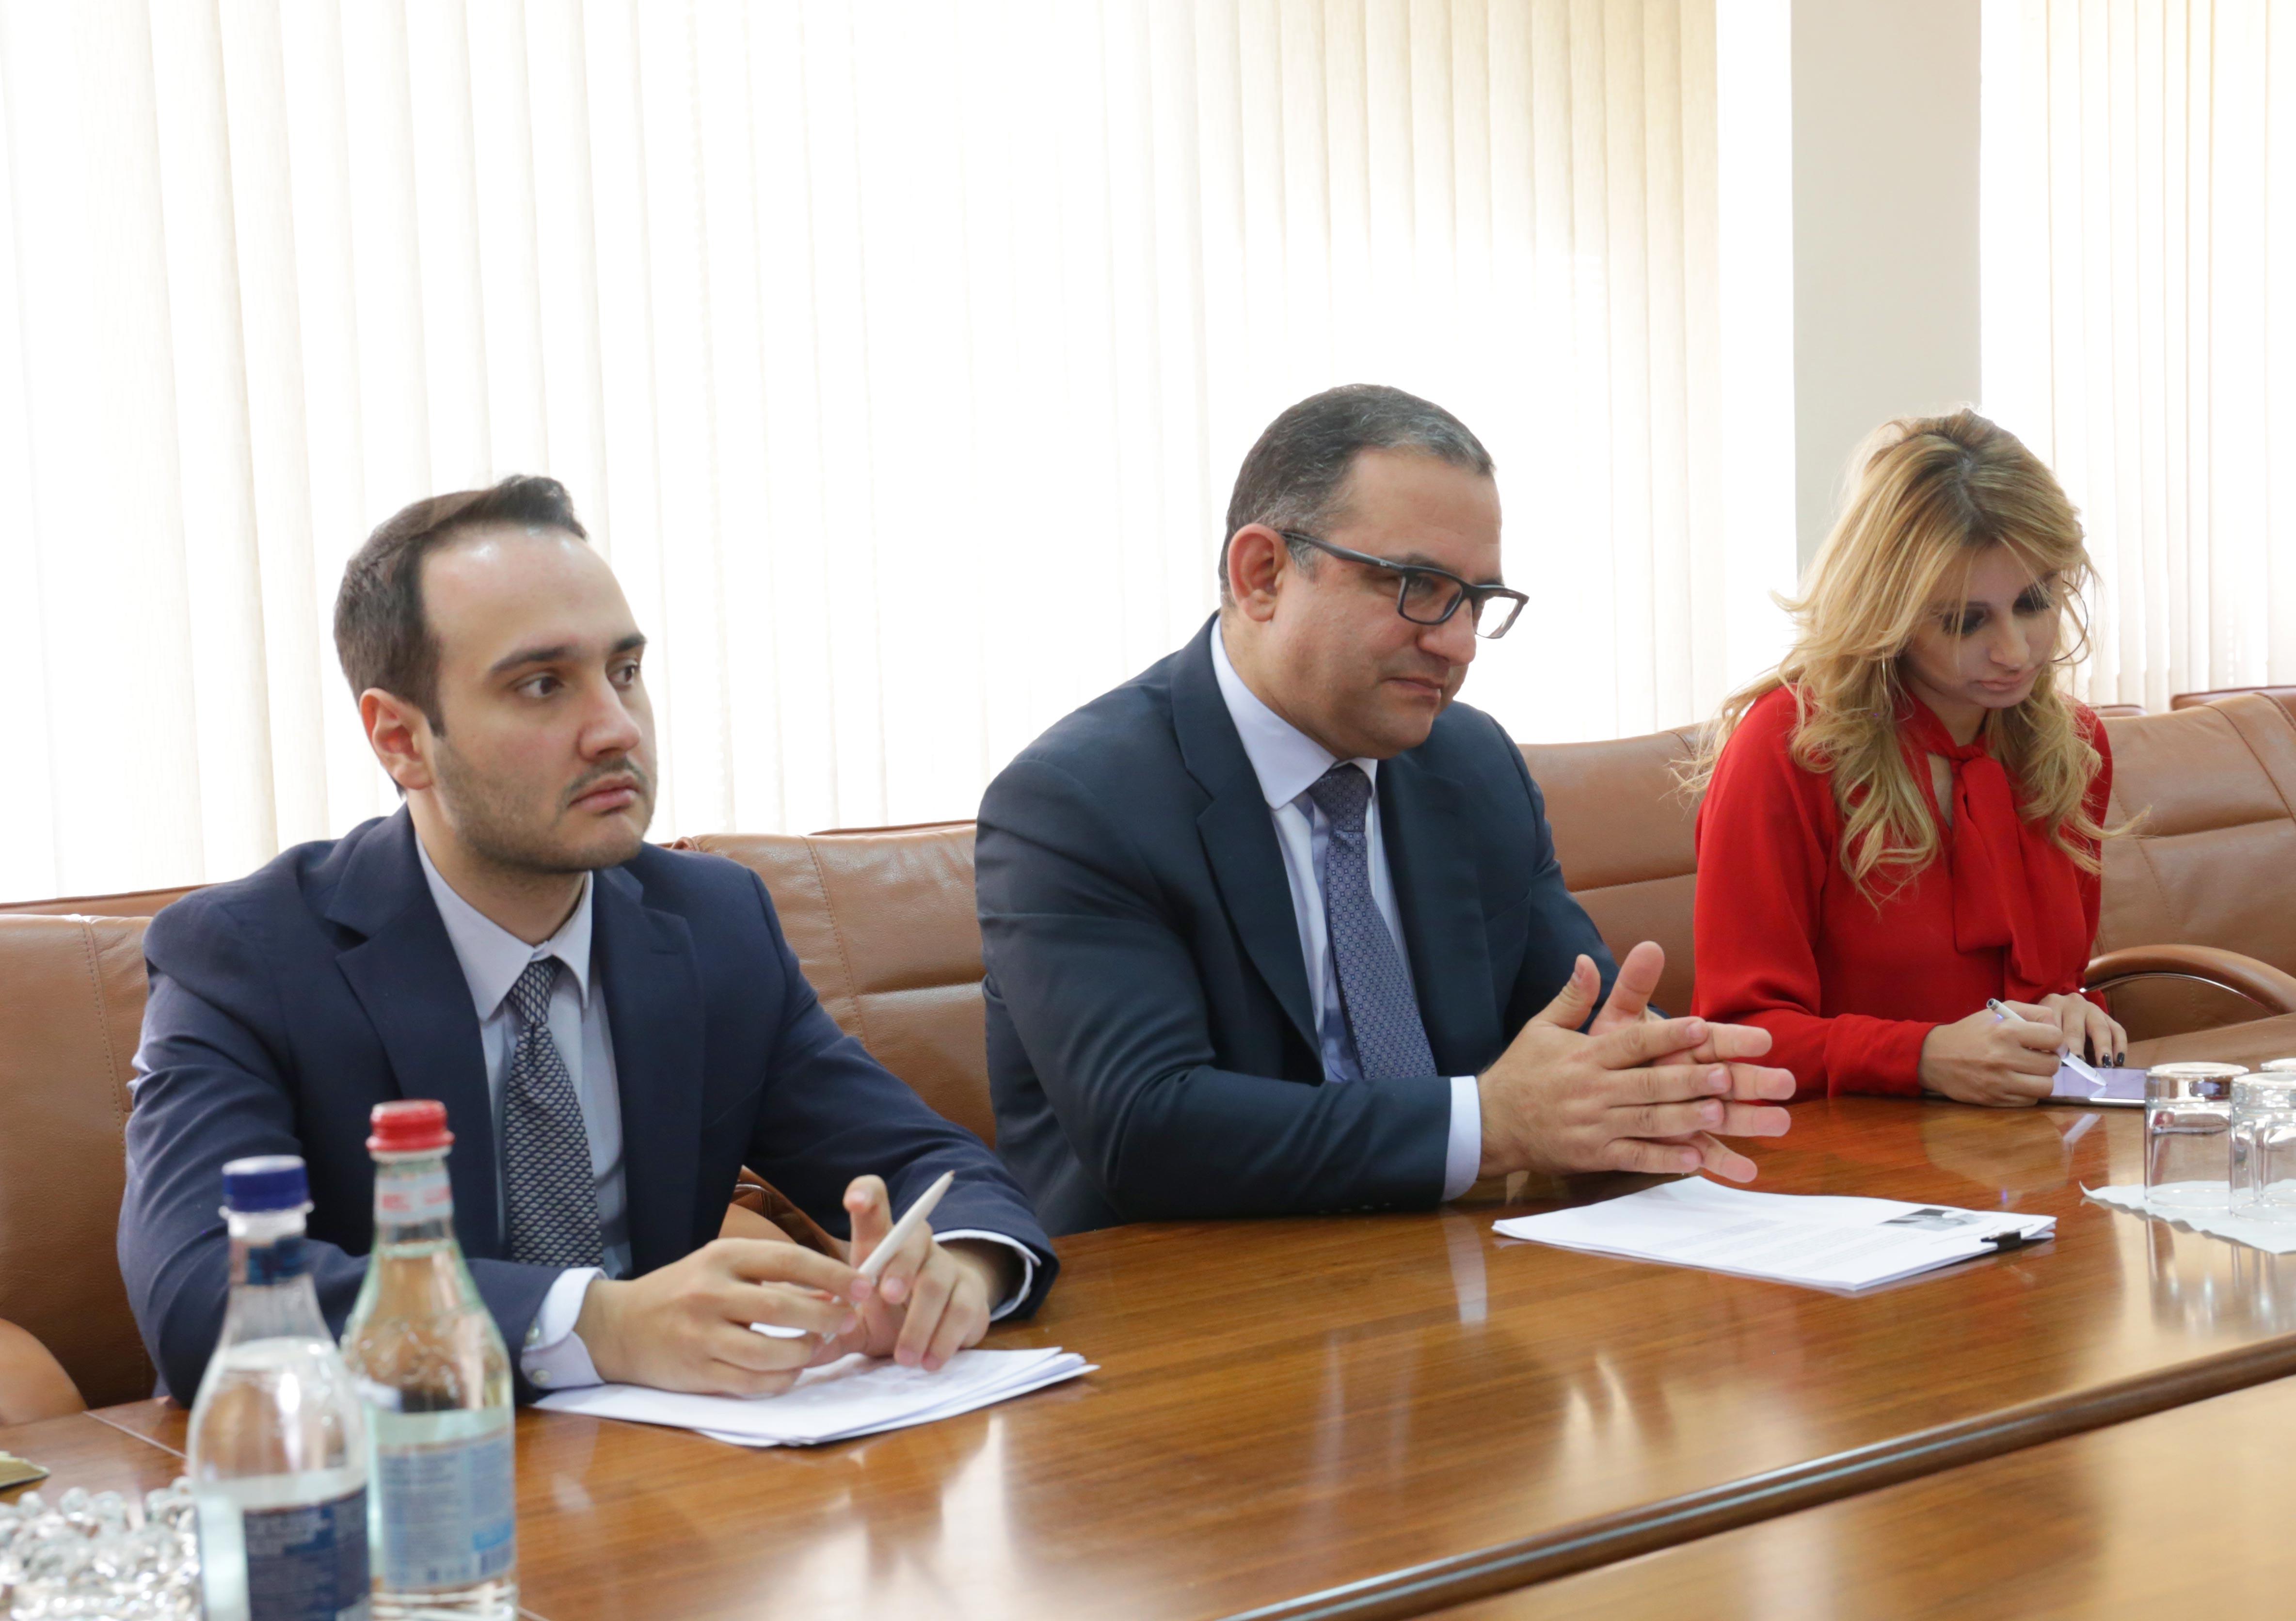 Տիգրան Խաչատրյանը և ՏՀԶԿ գլխավոր քարտուղարի տեղակալը քննարկել են Հայաստանի ներդրումային դաշտի ուսումնասիրման հնարավորությունները